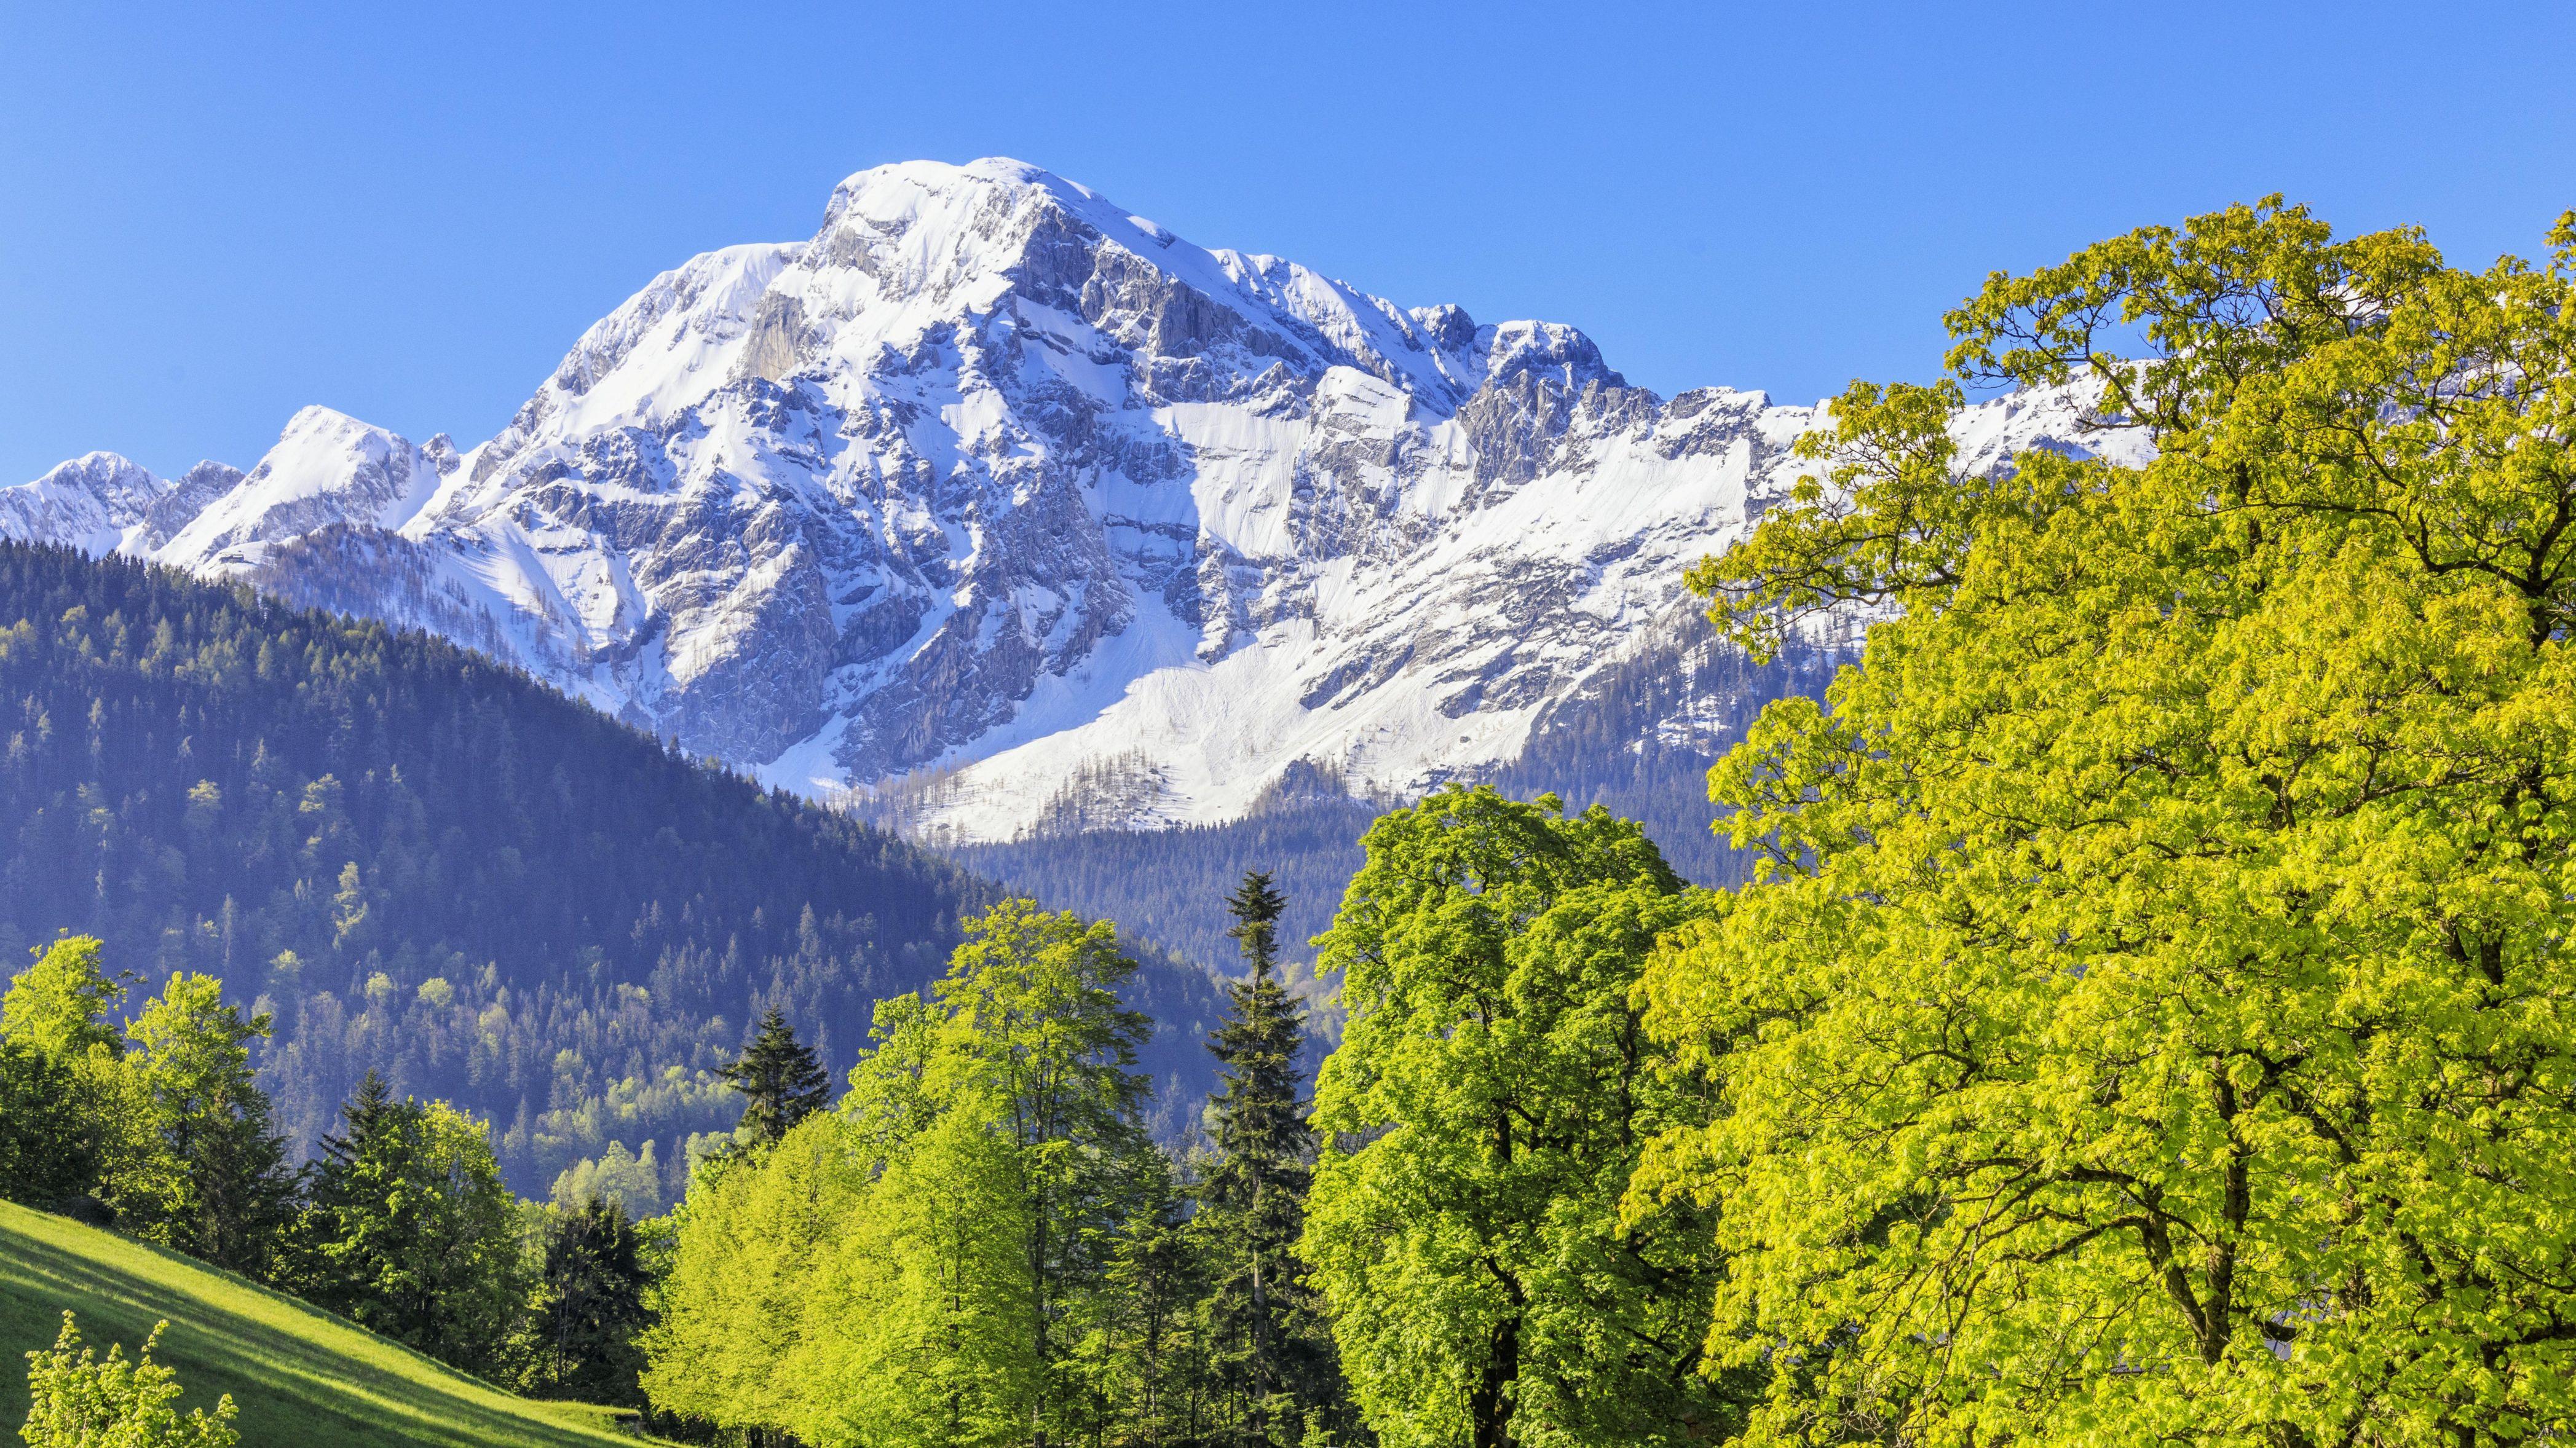 Blick von Oberau über dem Tal der Königseeache hinauf zum tief verschneiten Hohen Göll, Berchtesgadener Alpen.